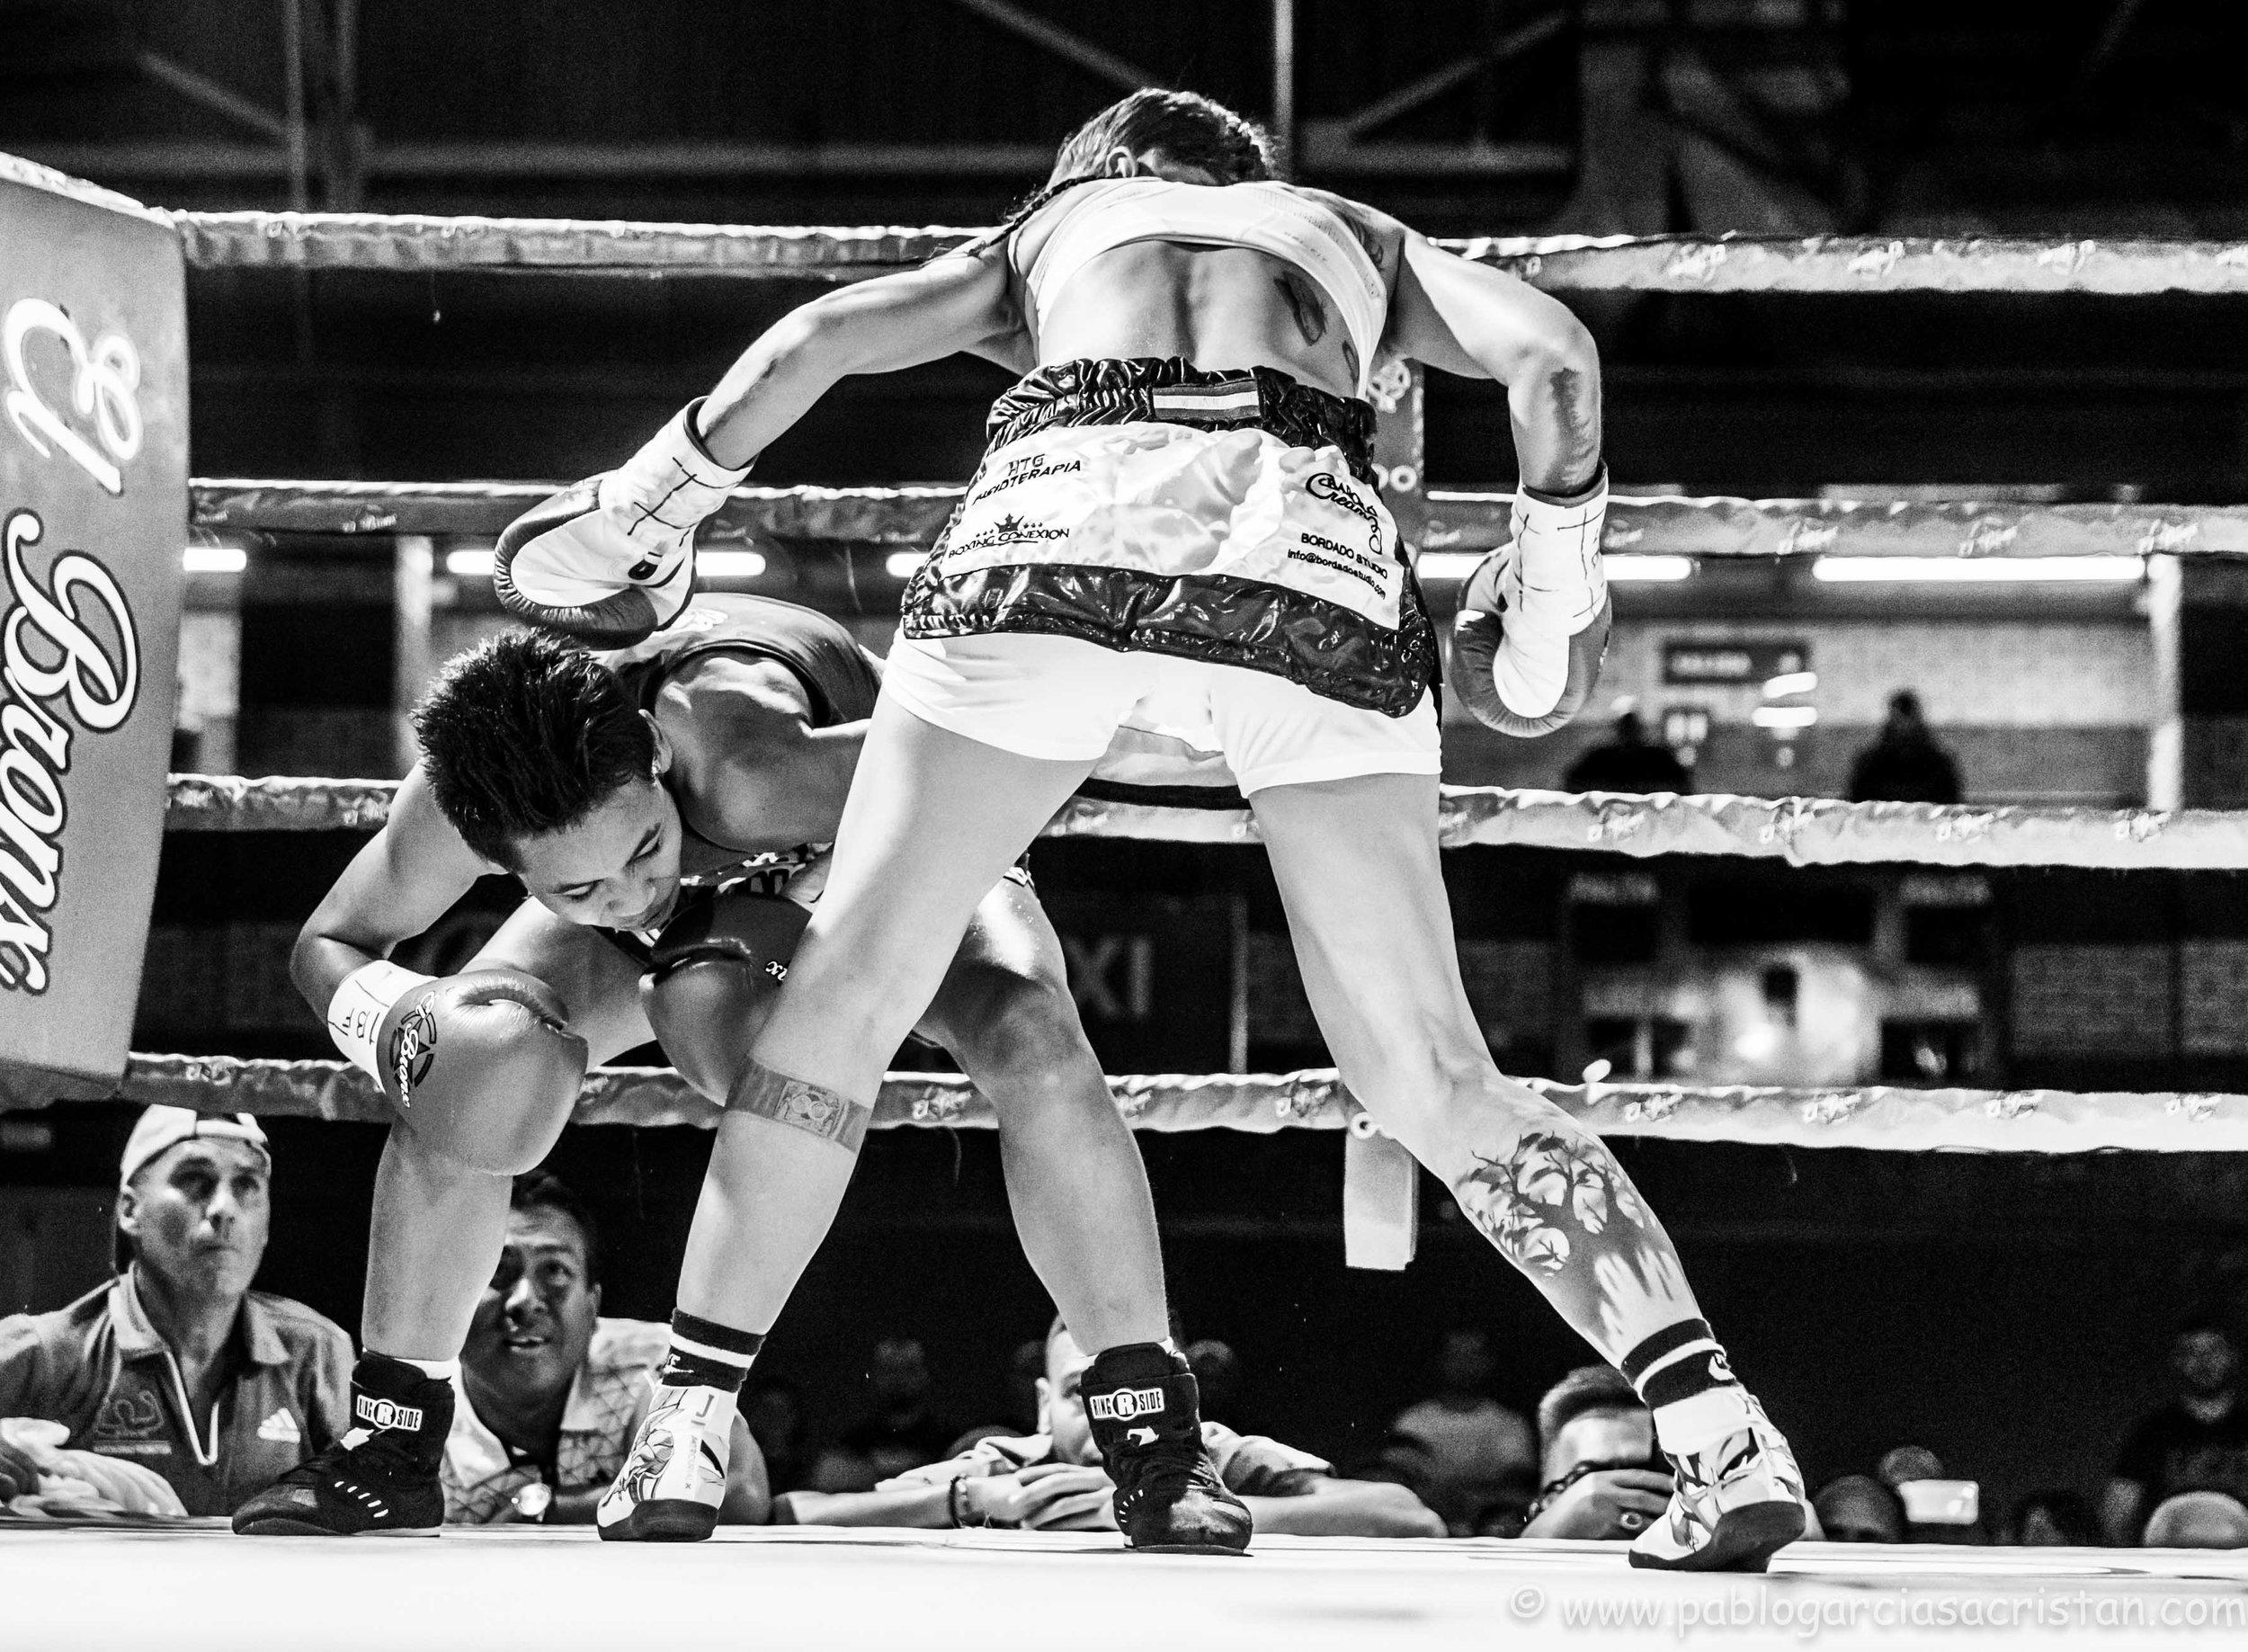 boxeo blanco y negro_16.jpg